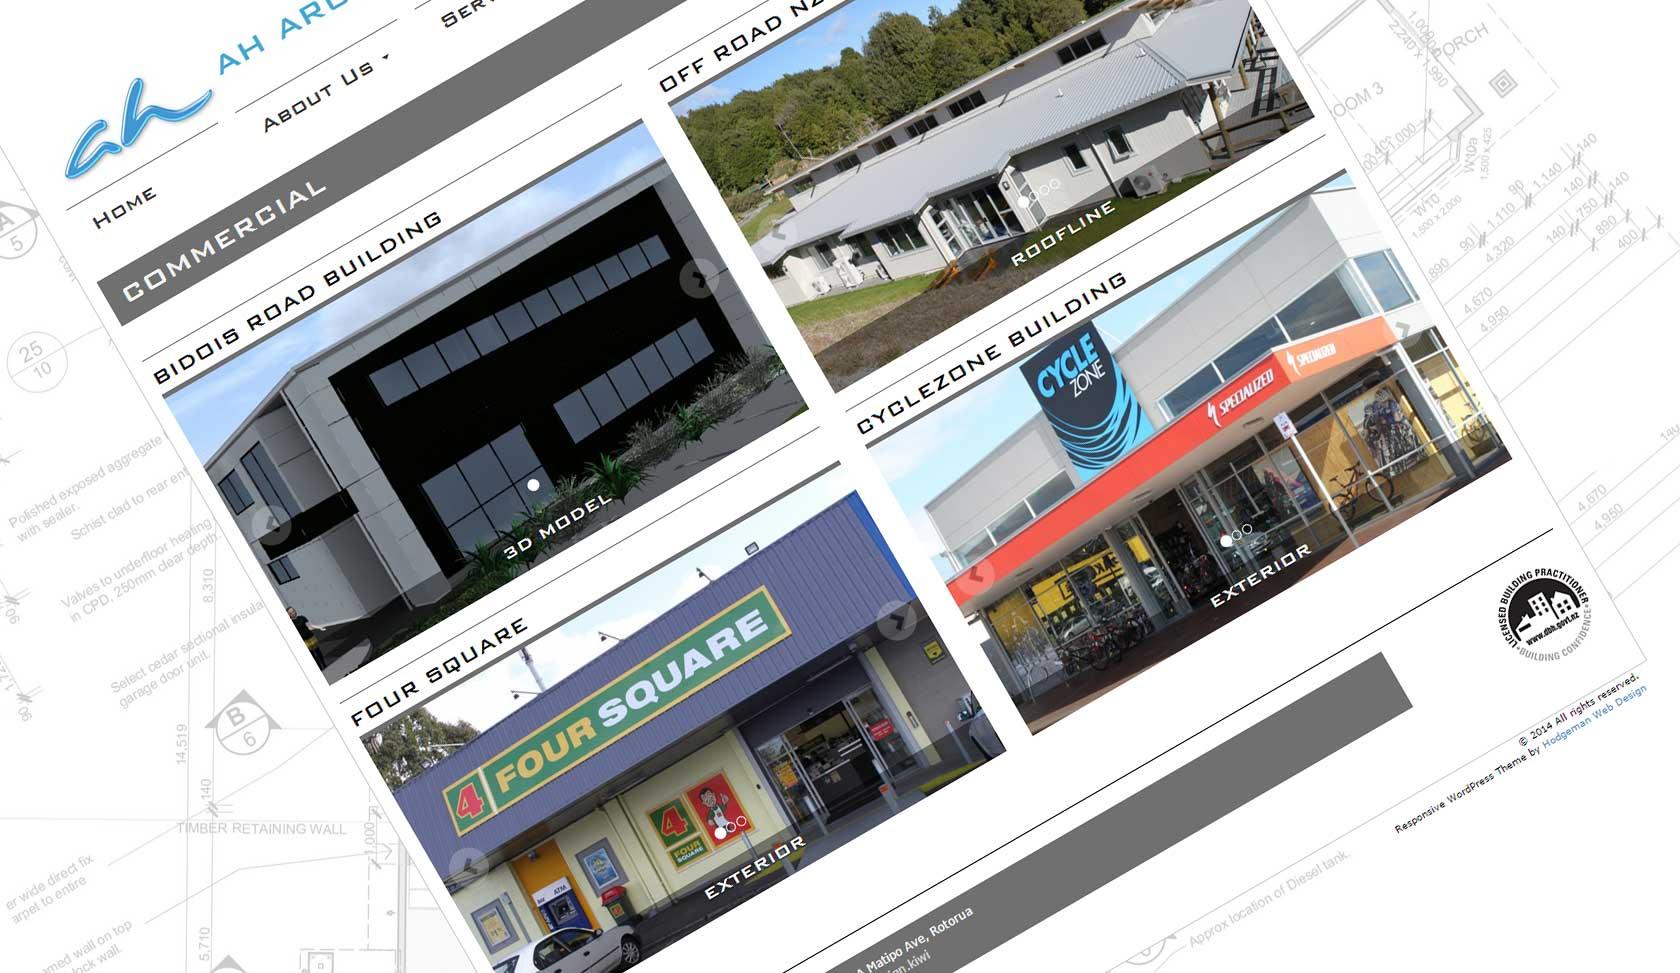 AH Architectural Design & Drafting: Portfolio